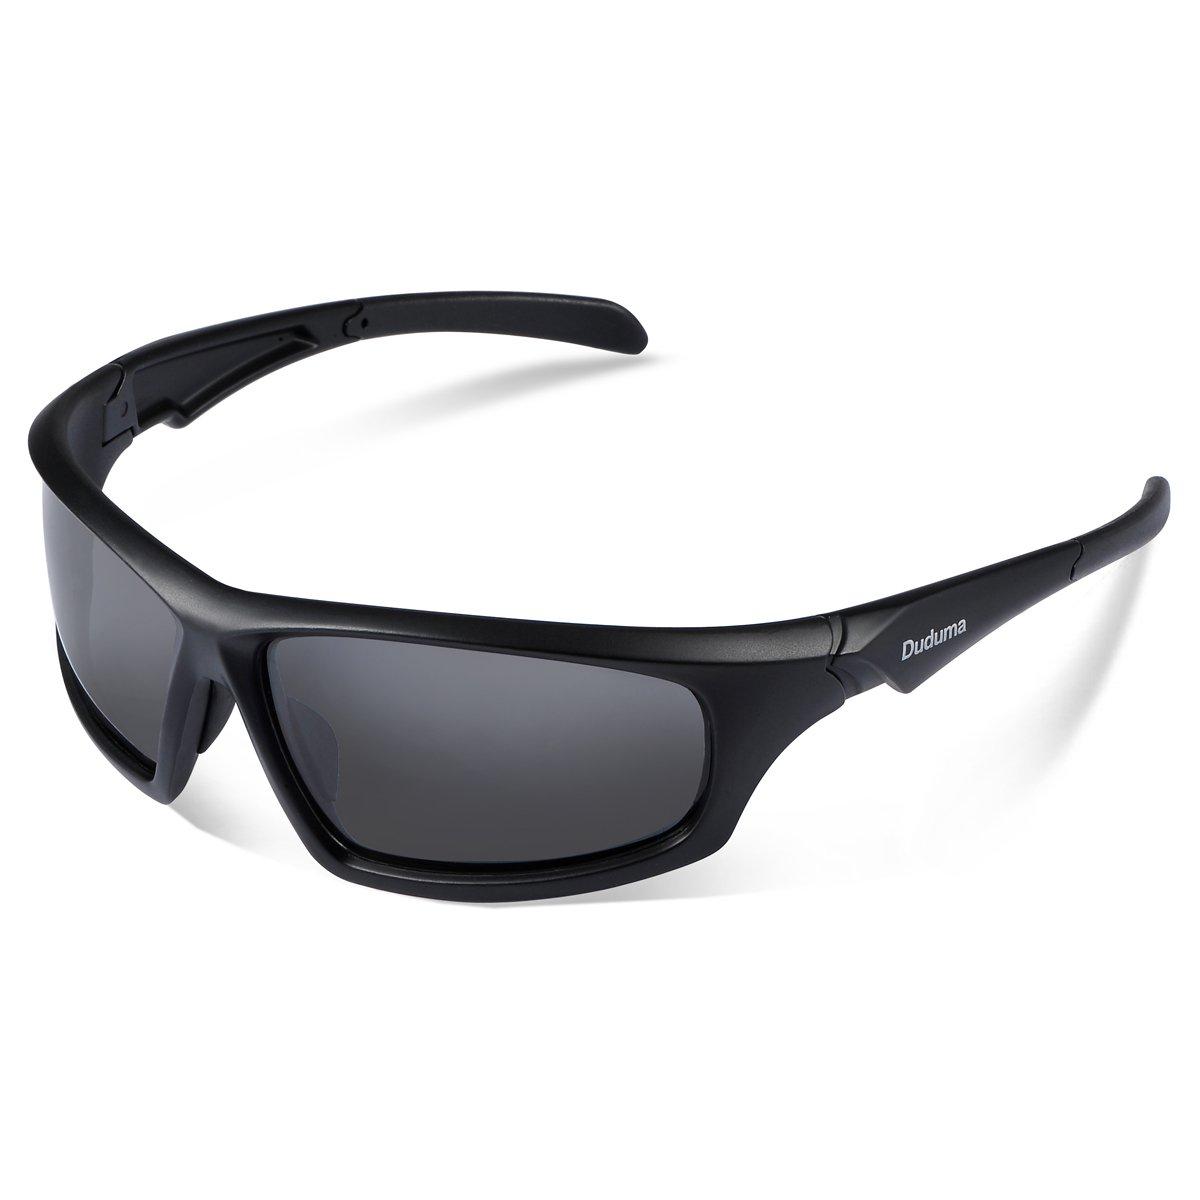 Duduma Gafas de Sol Deportivas Polarizadas Para Hombre Perfectas Para Esquiar Golf Correr Ciclismo TR821 Súper Liviana Para Hombre y Para Mujer